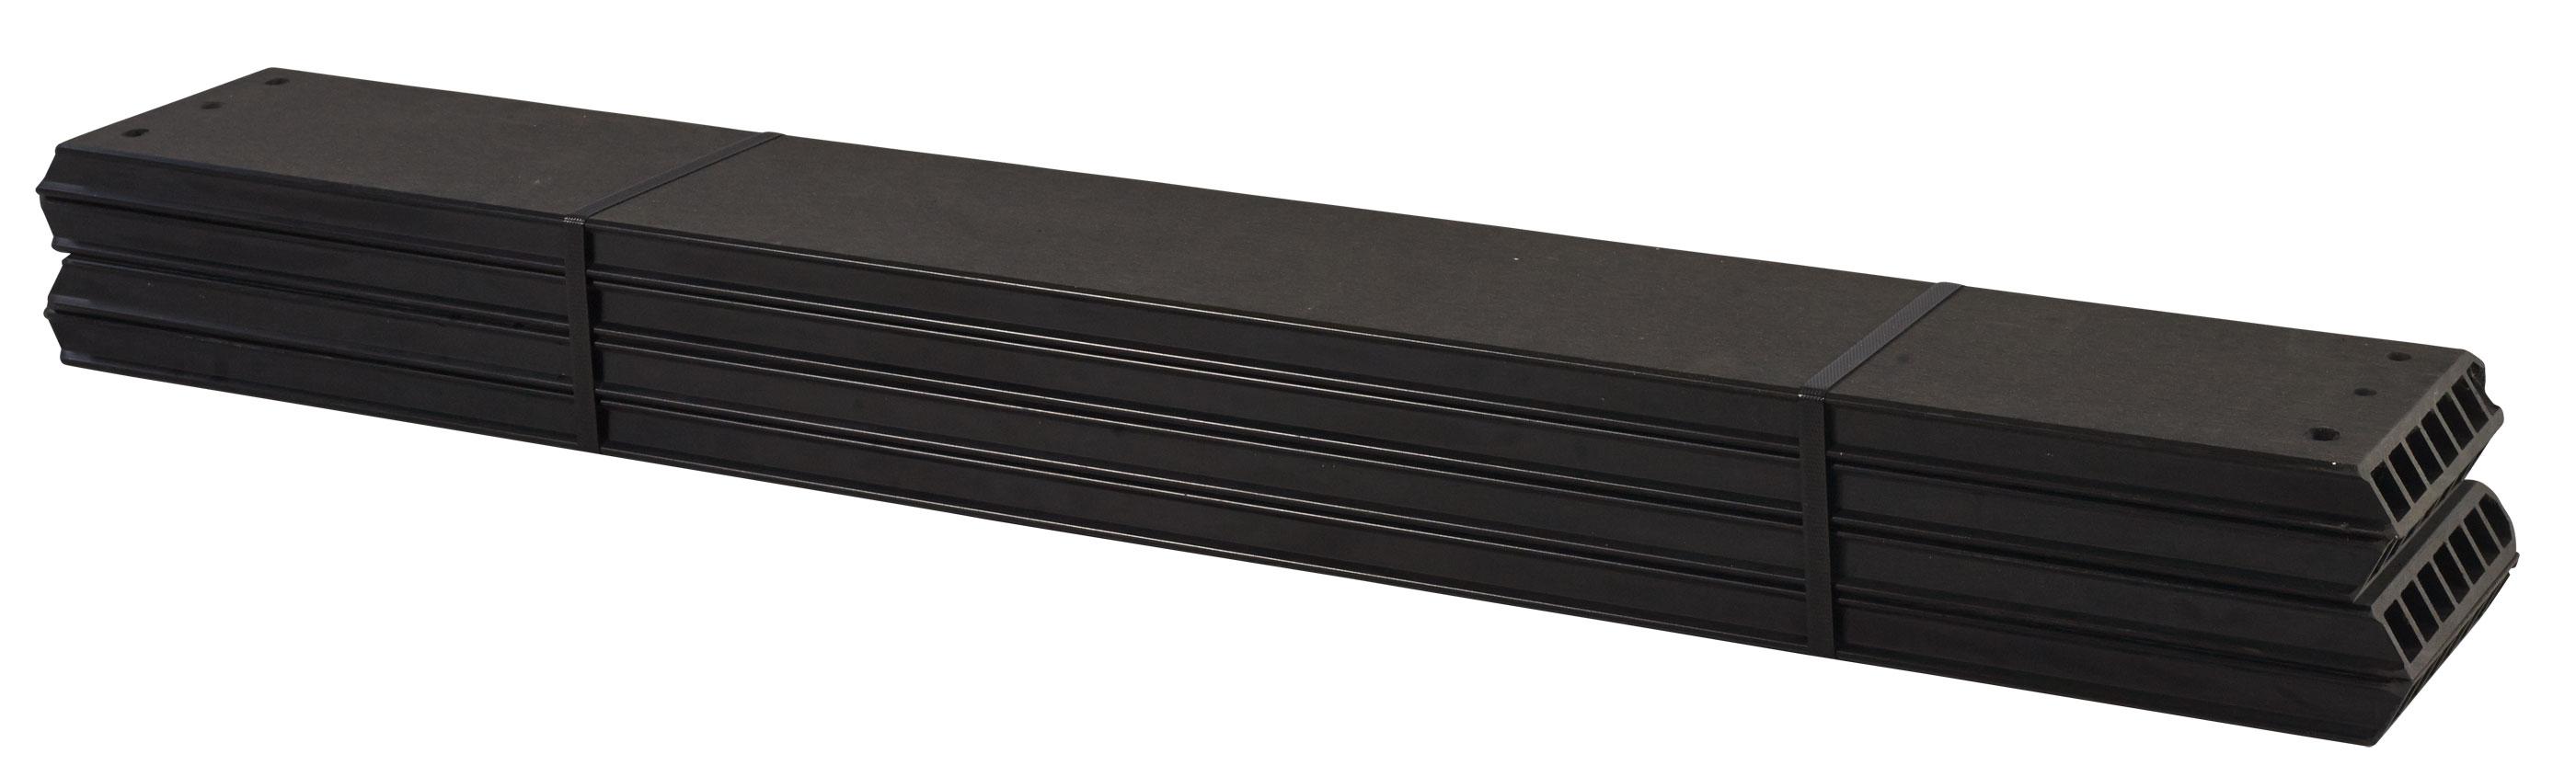 WPC Planken für PIPE Modulsystem Plus 4 Stück schiefergrau Länge 120cm Bild 1